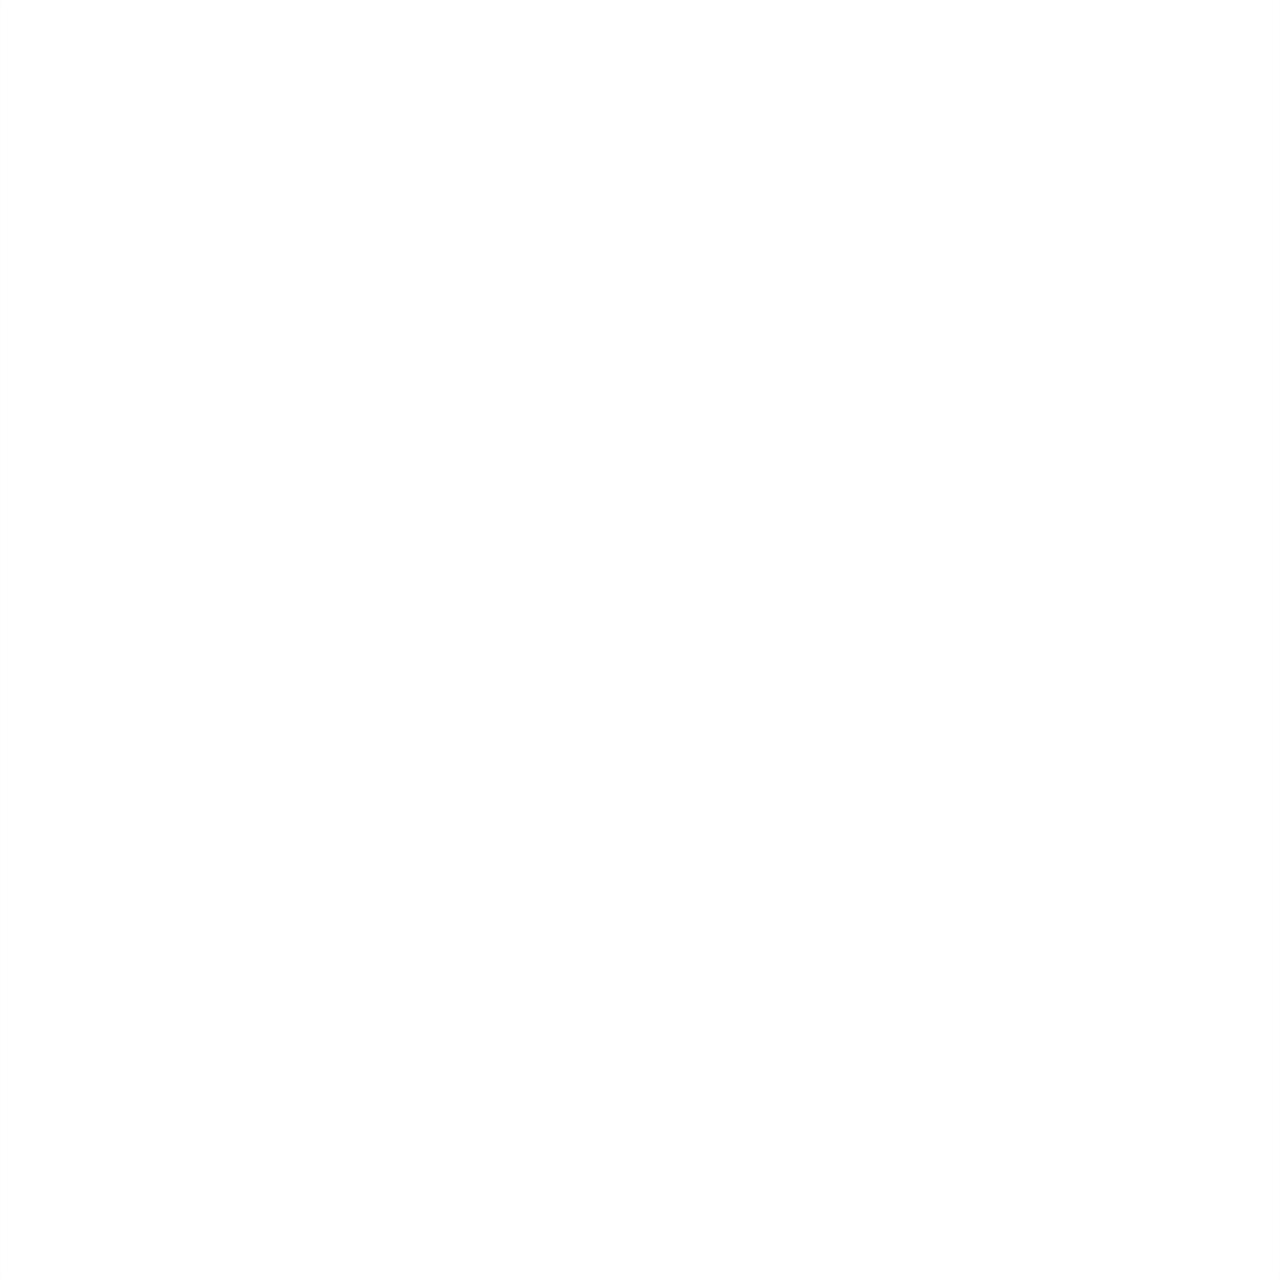 Алюкобонд 312 белый 8807 ARABOND